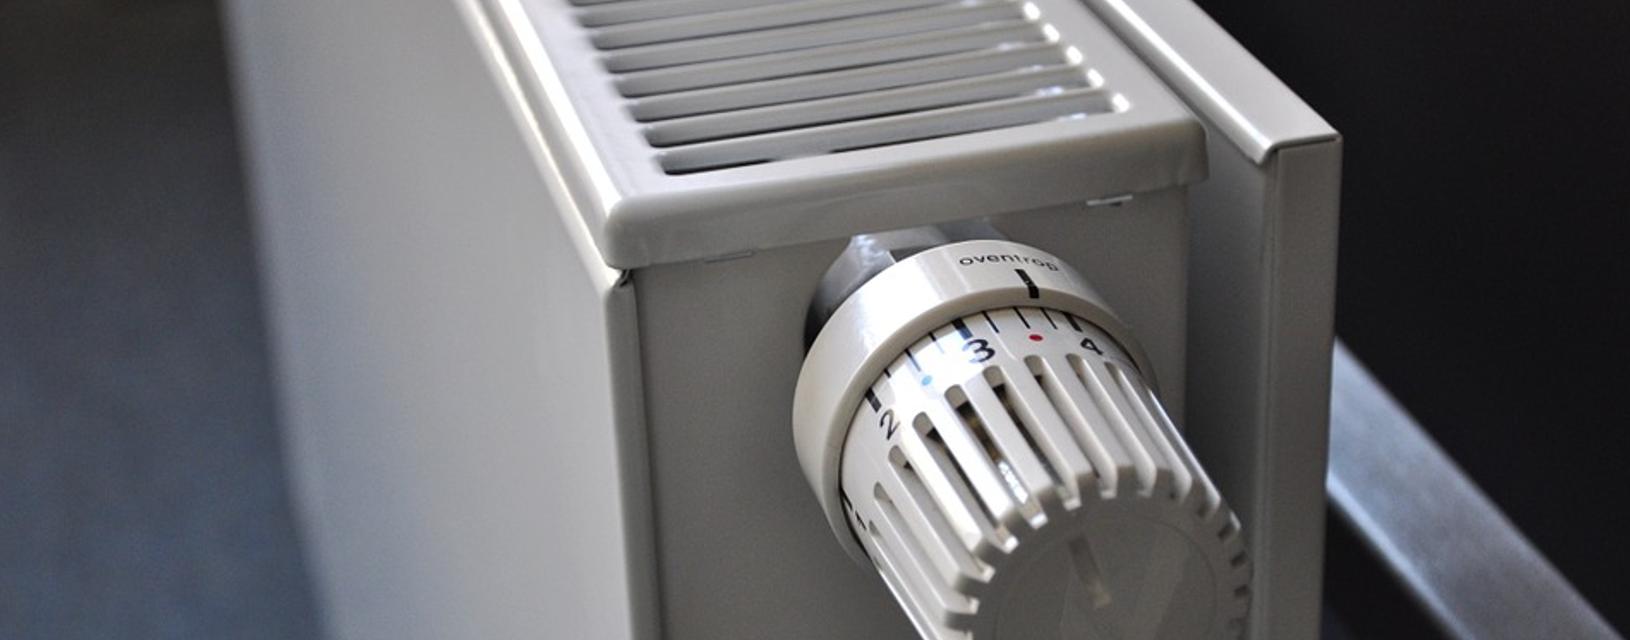 Heizkosten sparen: Isolierende Eigenschaften von Fensterdekoration